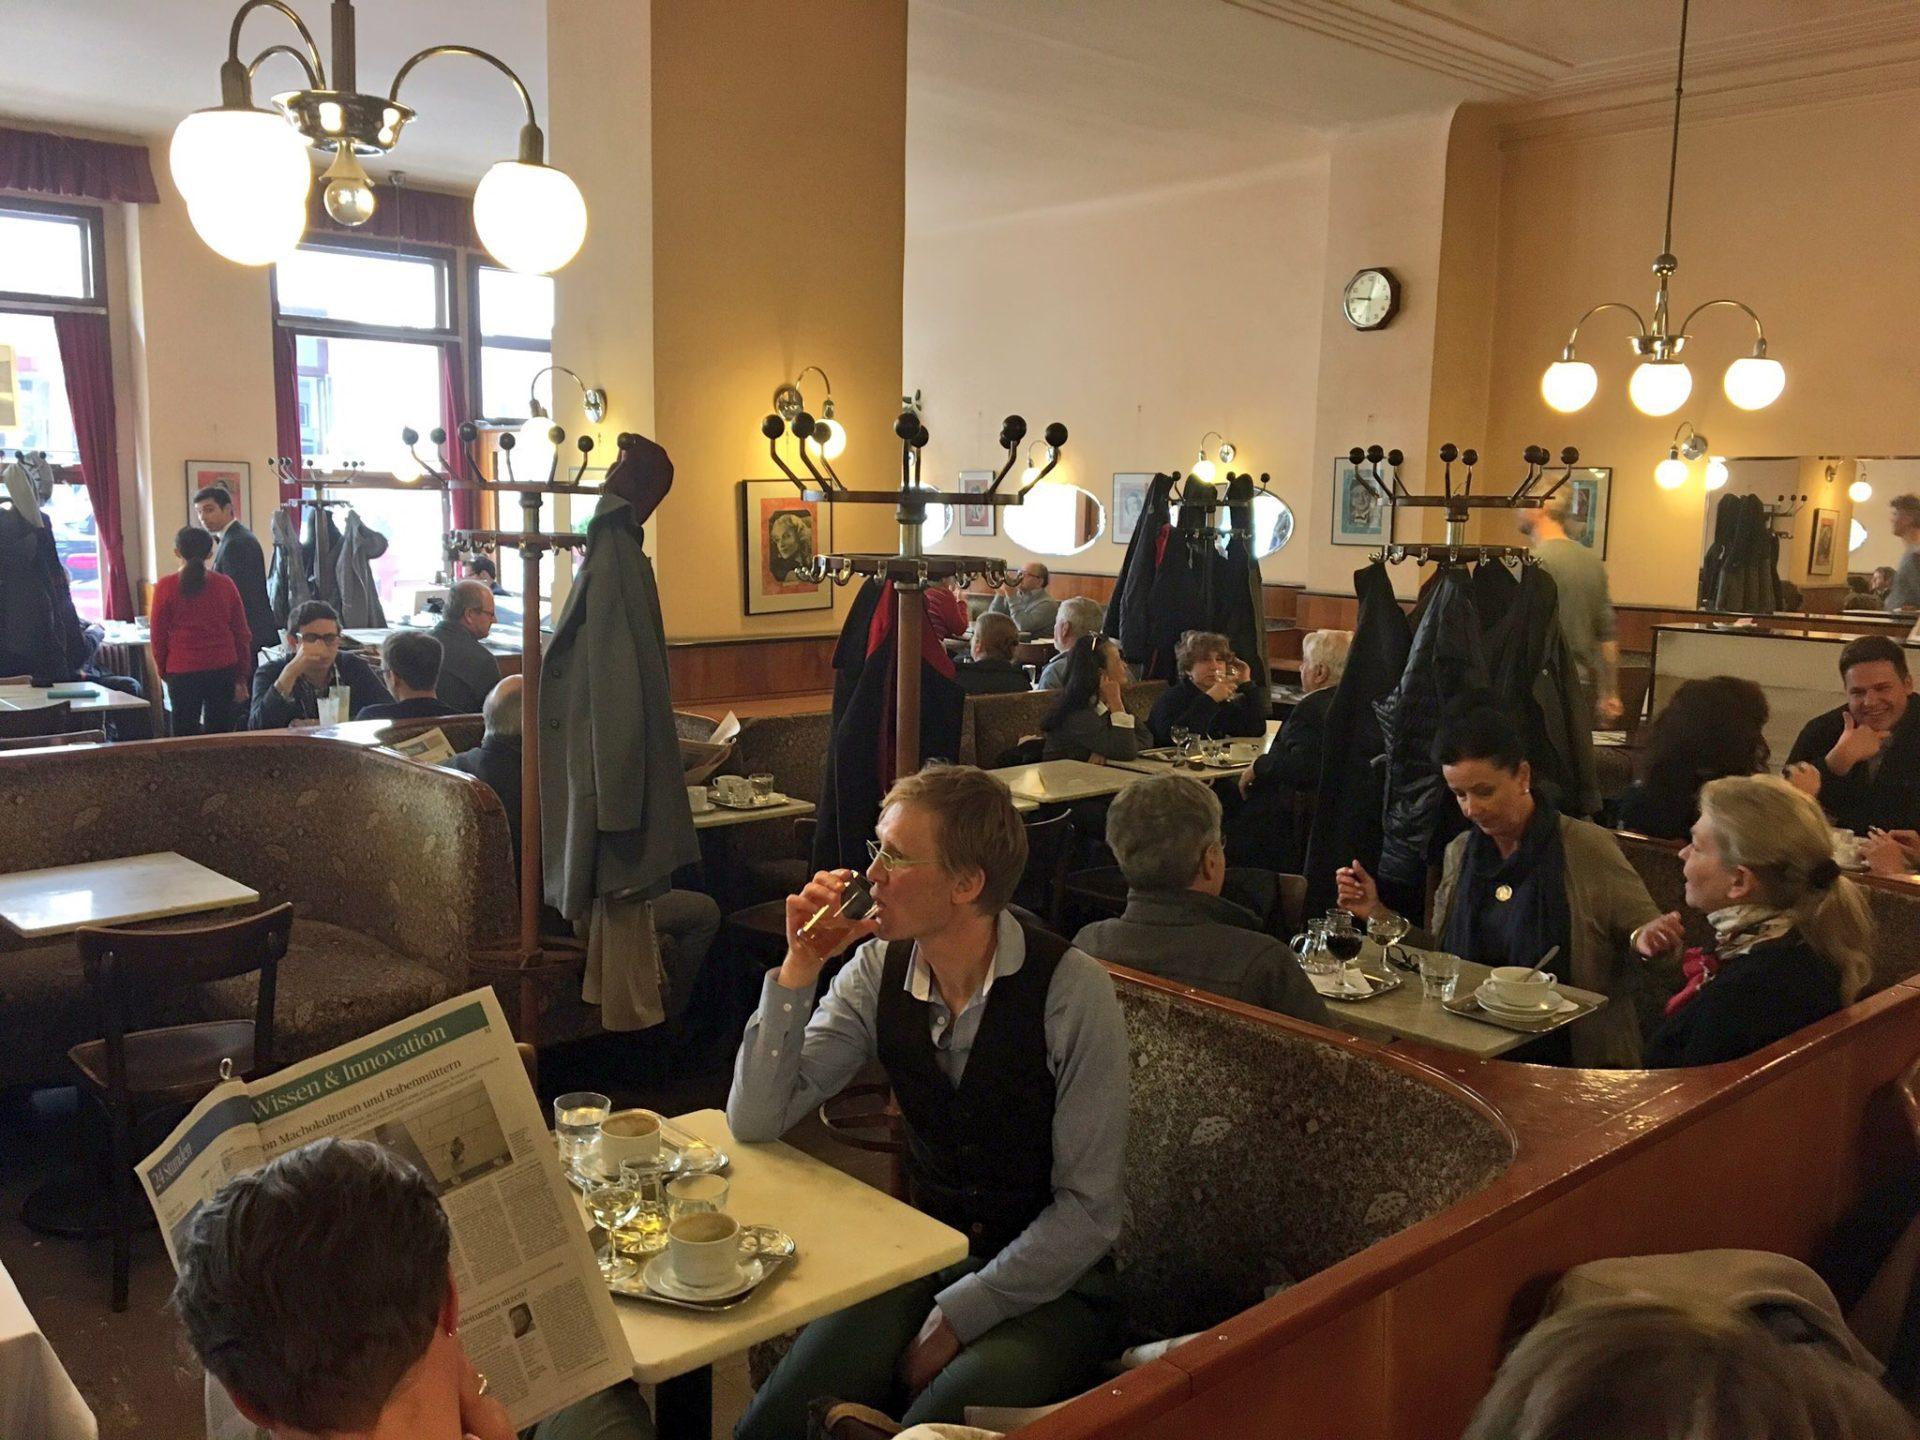 Cafe Bräunerhof Vienna Austria